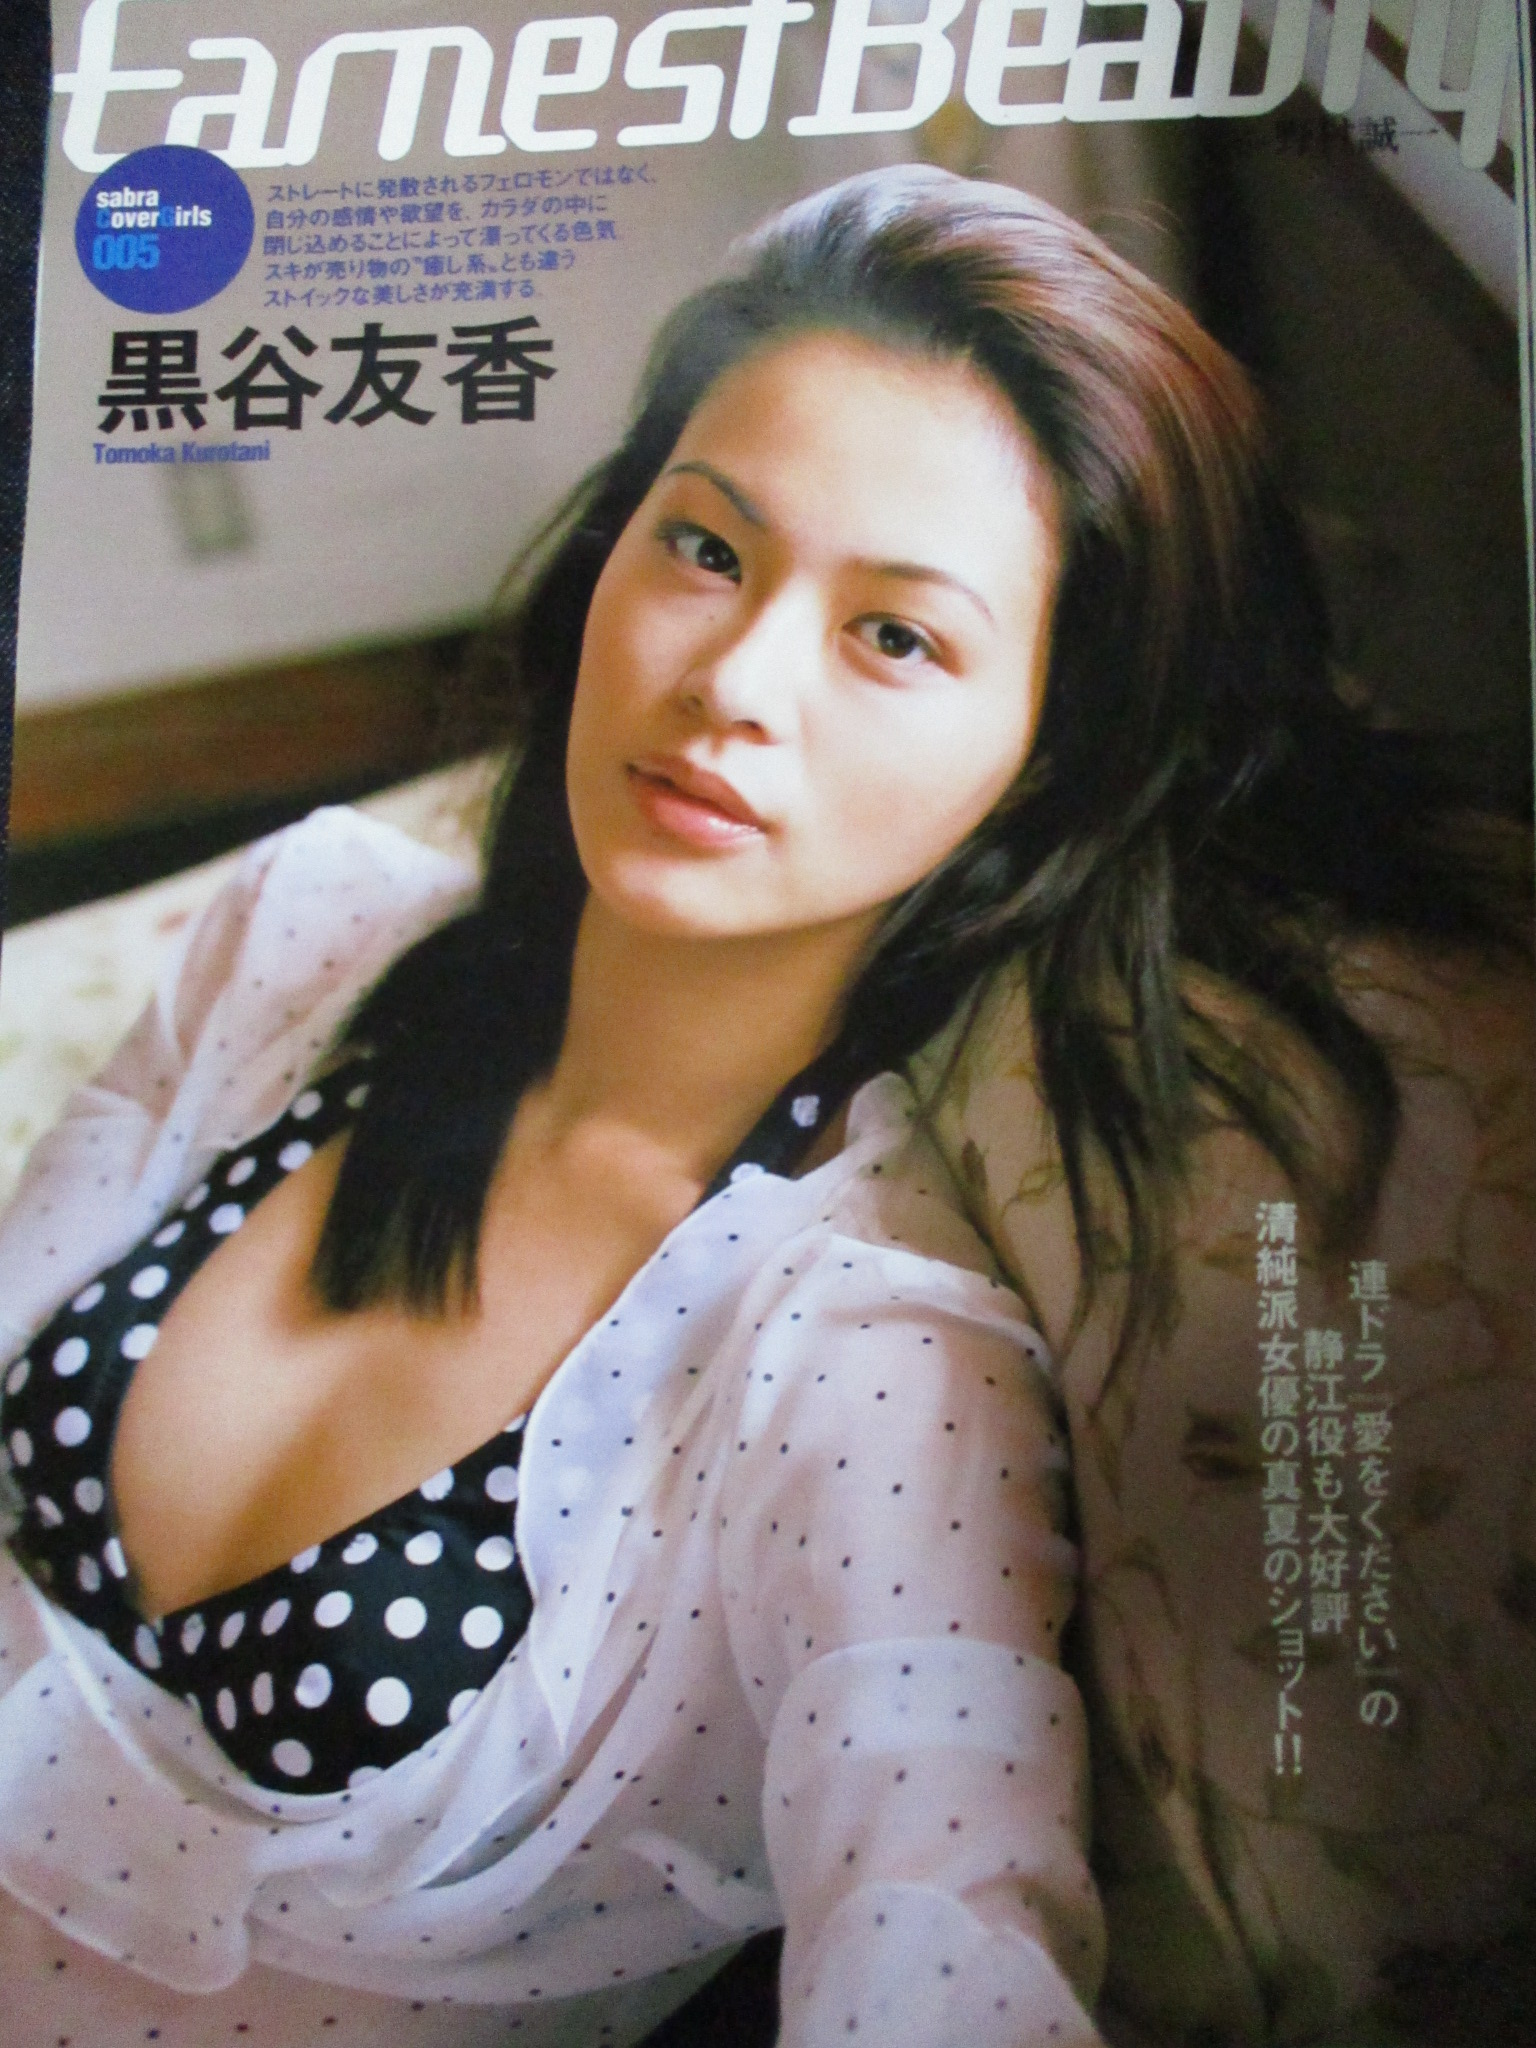 黒谷友香さんの画像その1